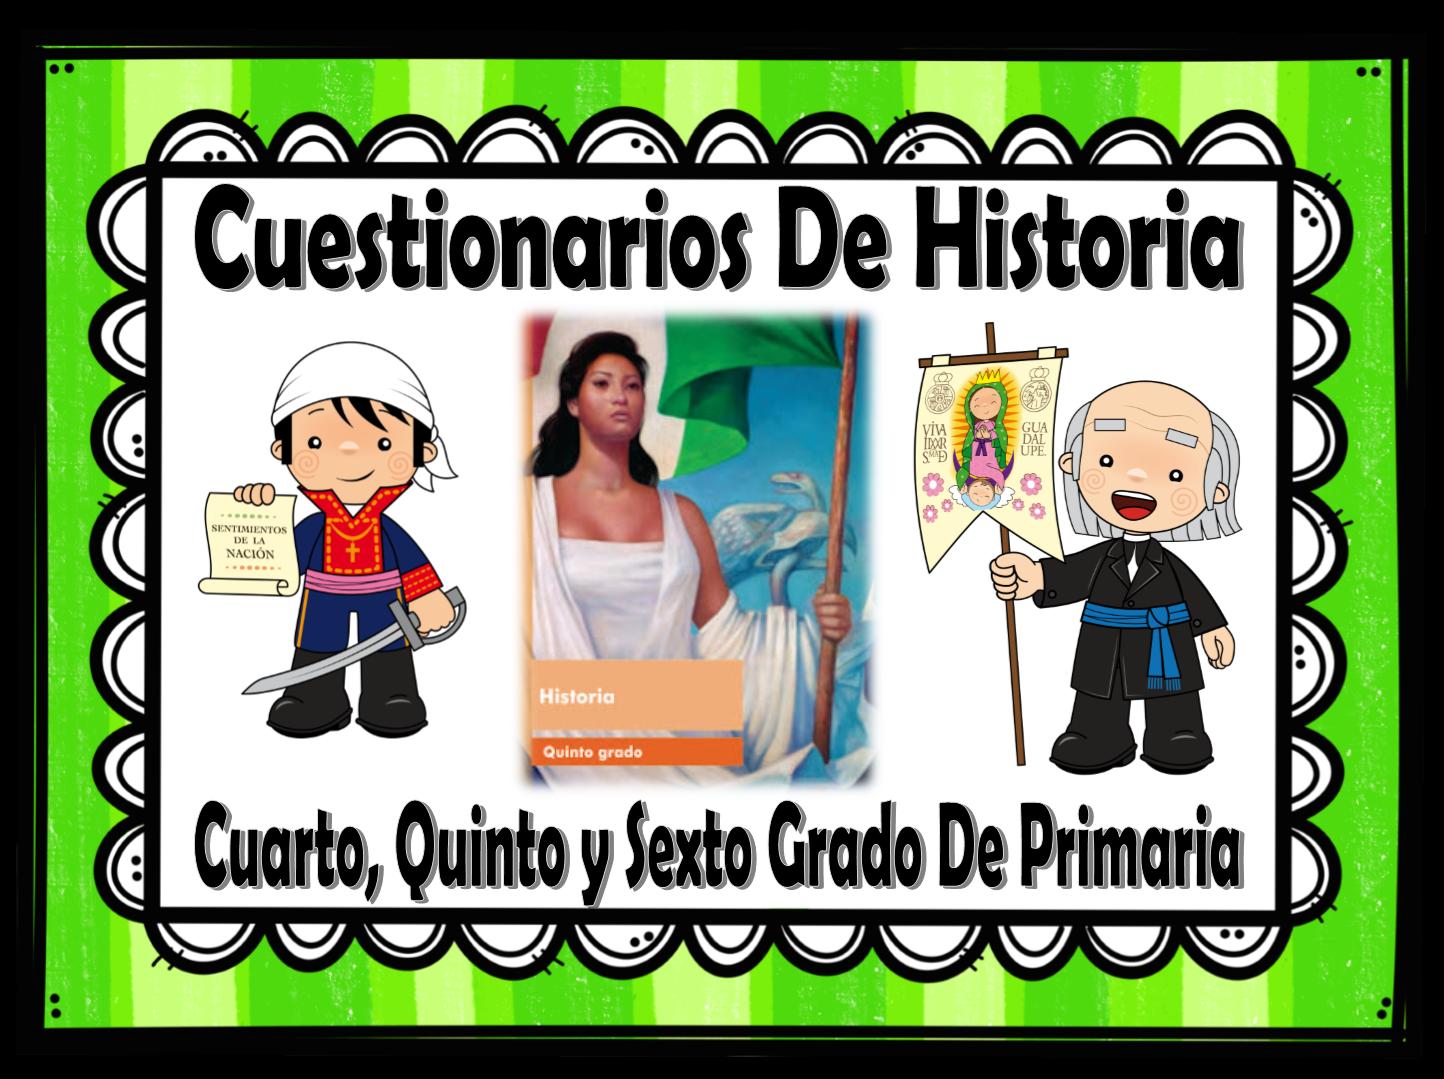 Cuestionarios de historia de cuarto quinto y sexto grado for Cuarto quinto y sexto mes de embarazo